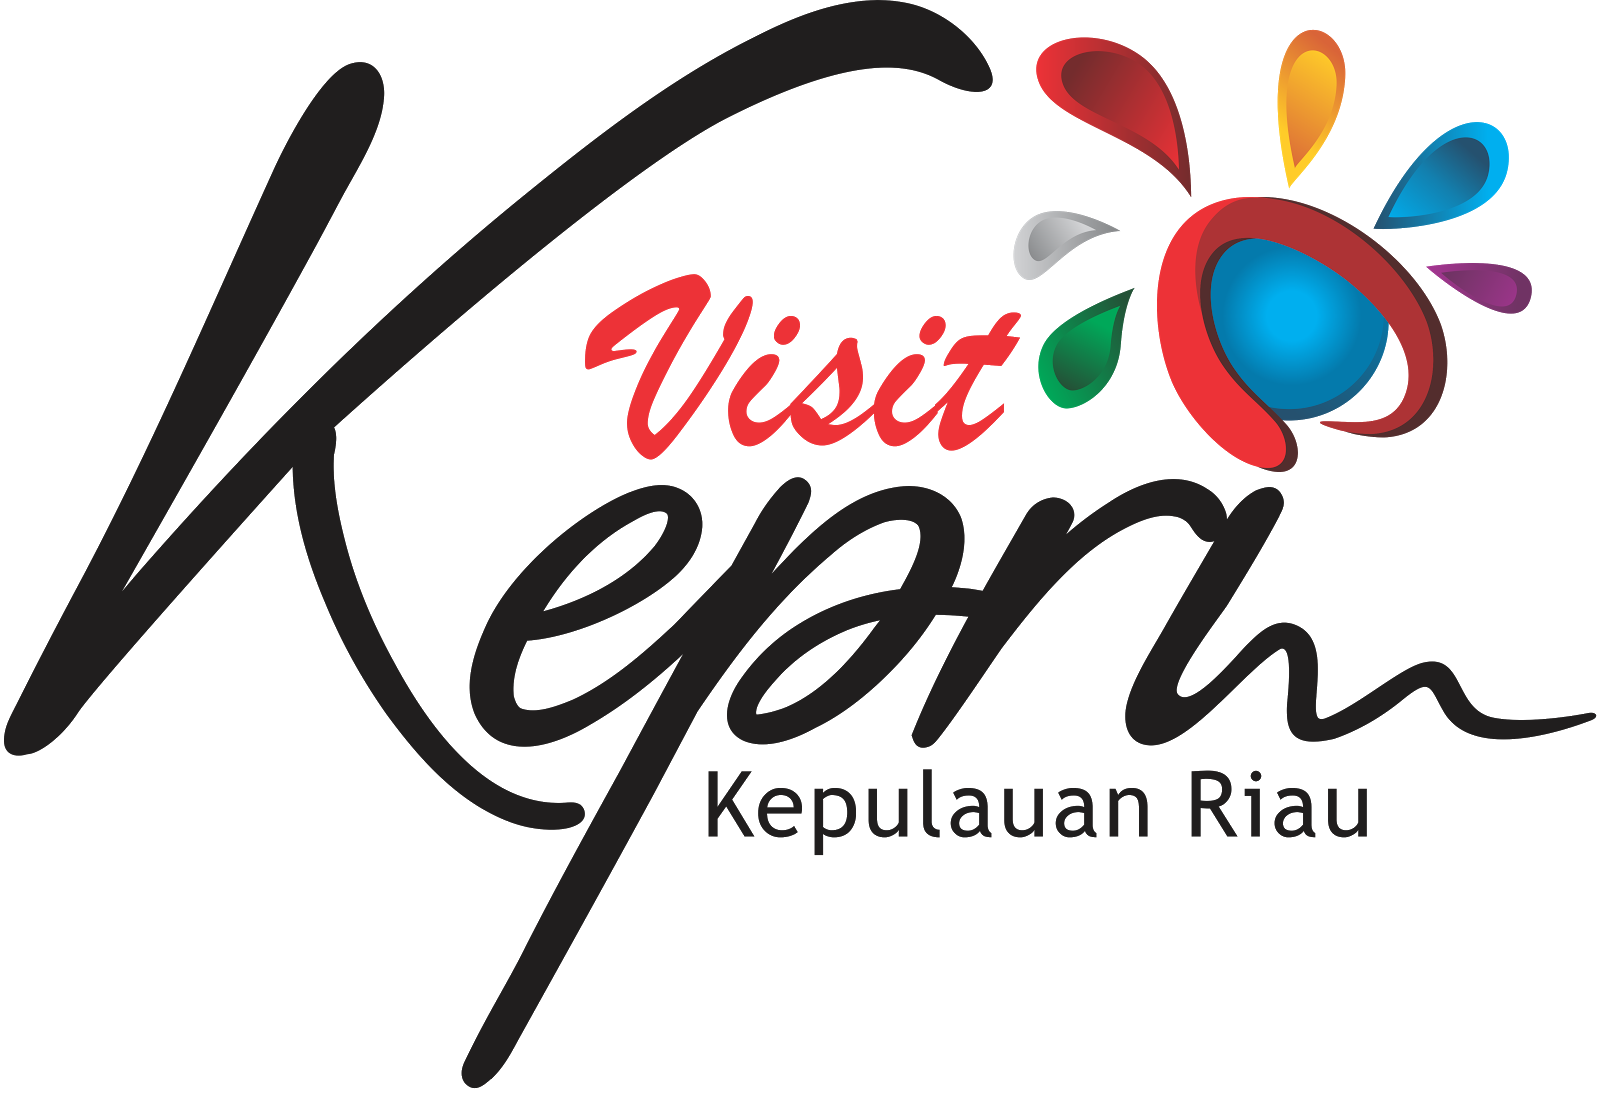 Visit Kepri